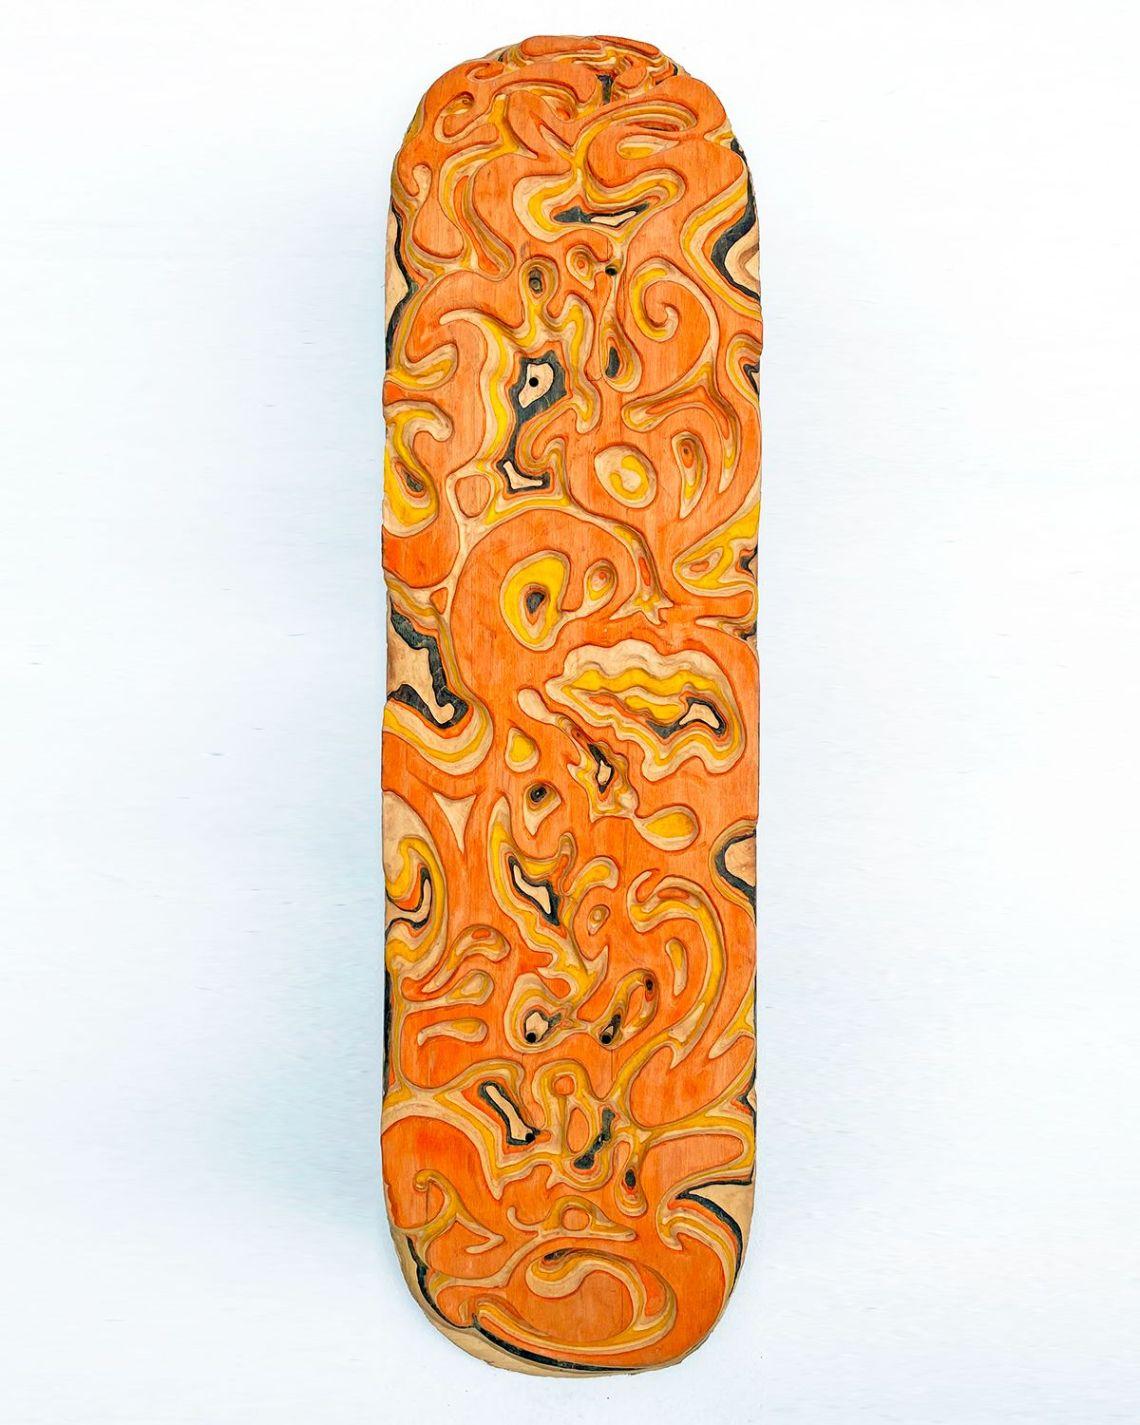 Carving Custom Skateboards By Tom Le Maitre 5